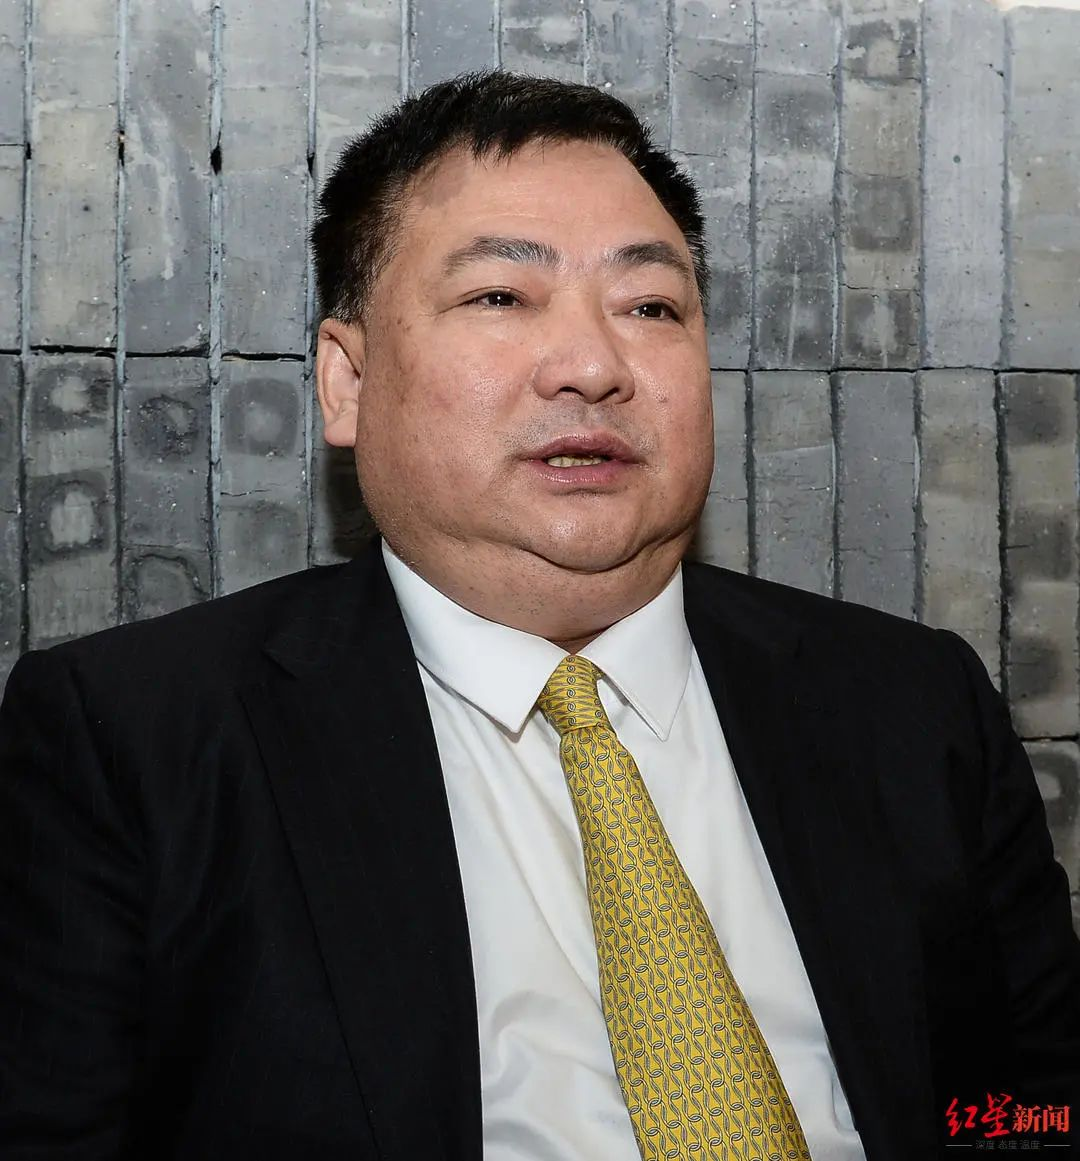 图片来源:谭长安2020年11月25日接受红星资本局专访